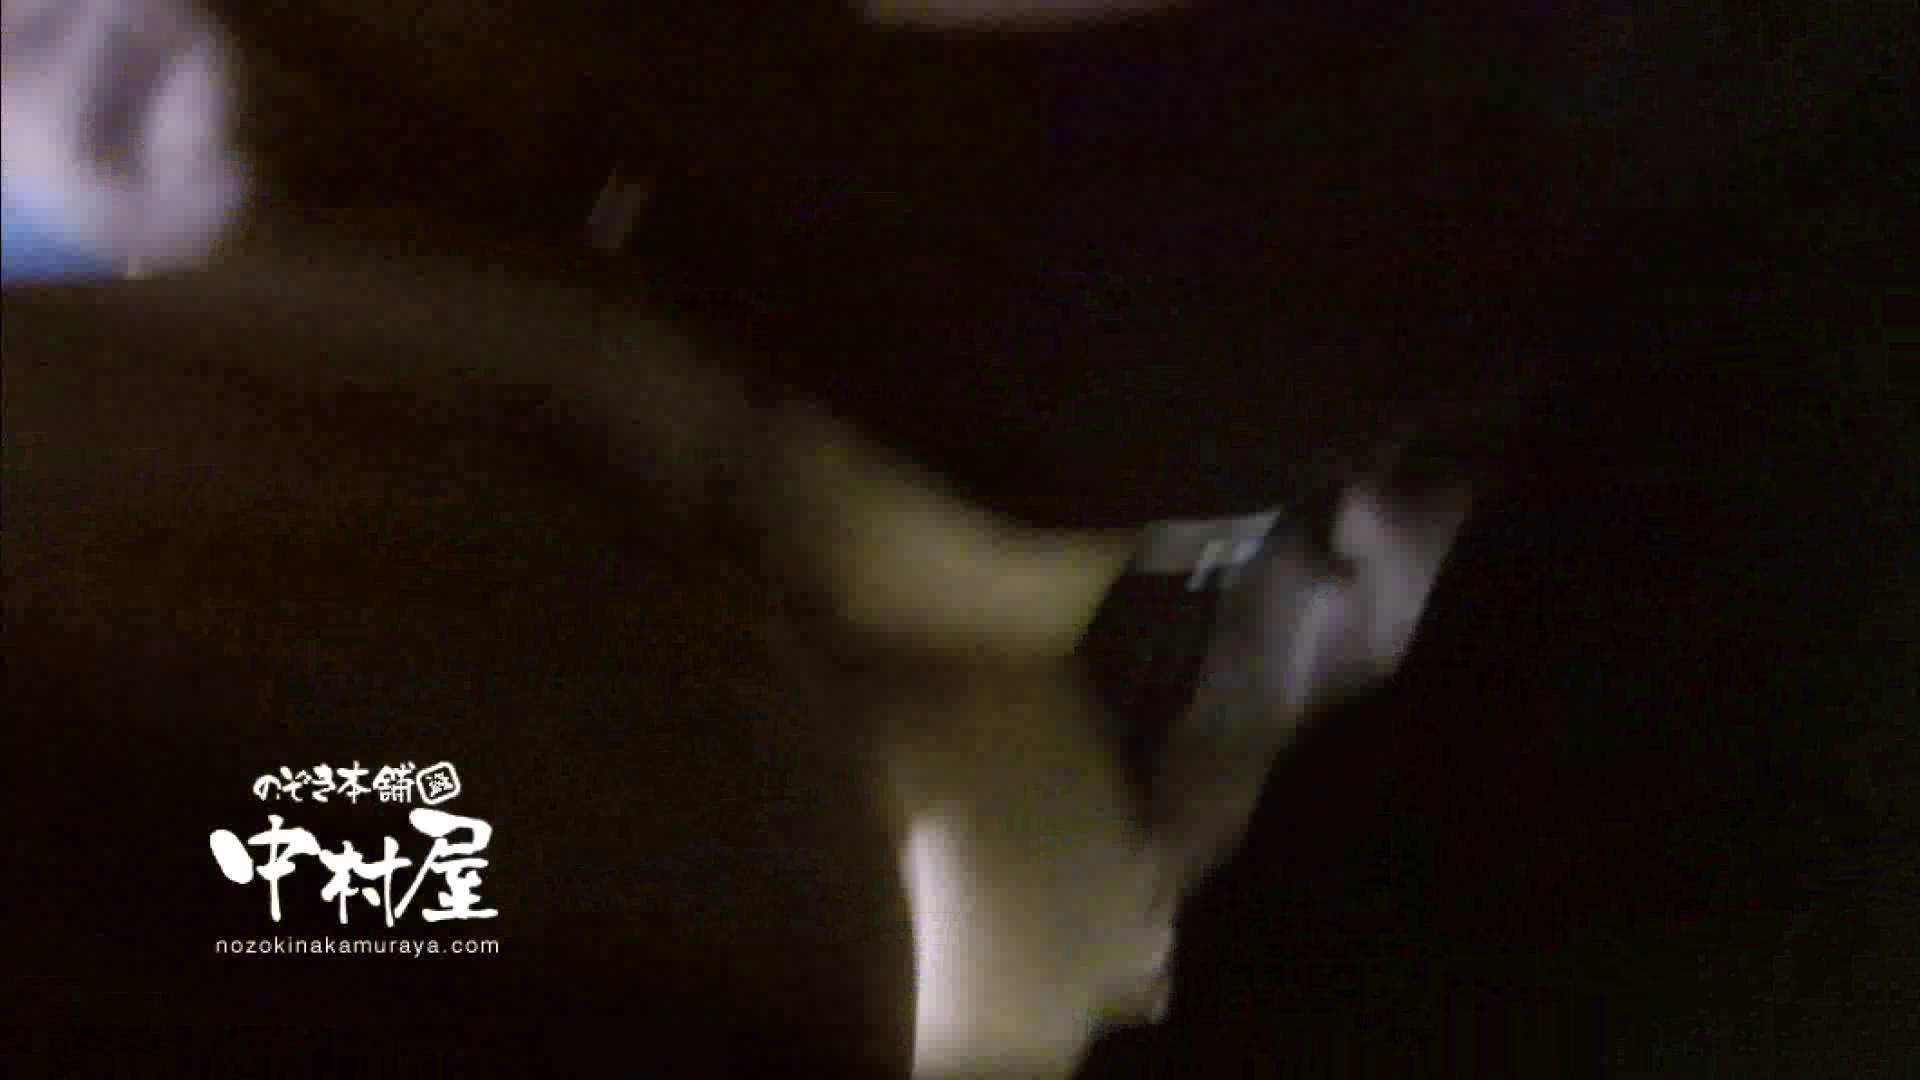 鬼畜 vol.11 下の口は正直なオンナ 前編 鬼畜 セックス無修正動画無料 41連発 27